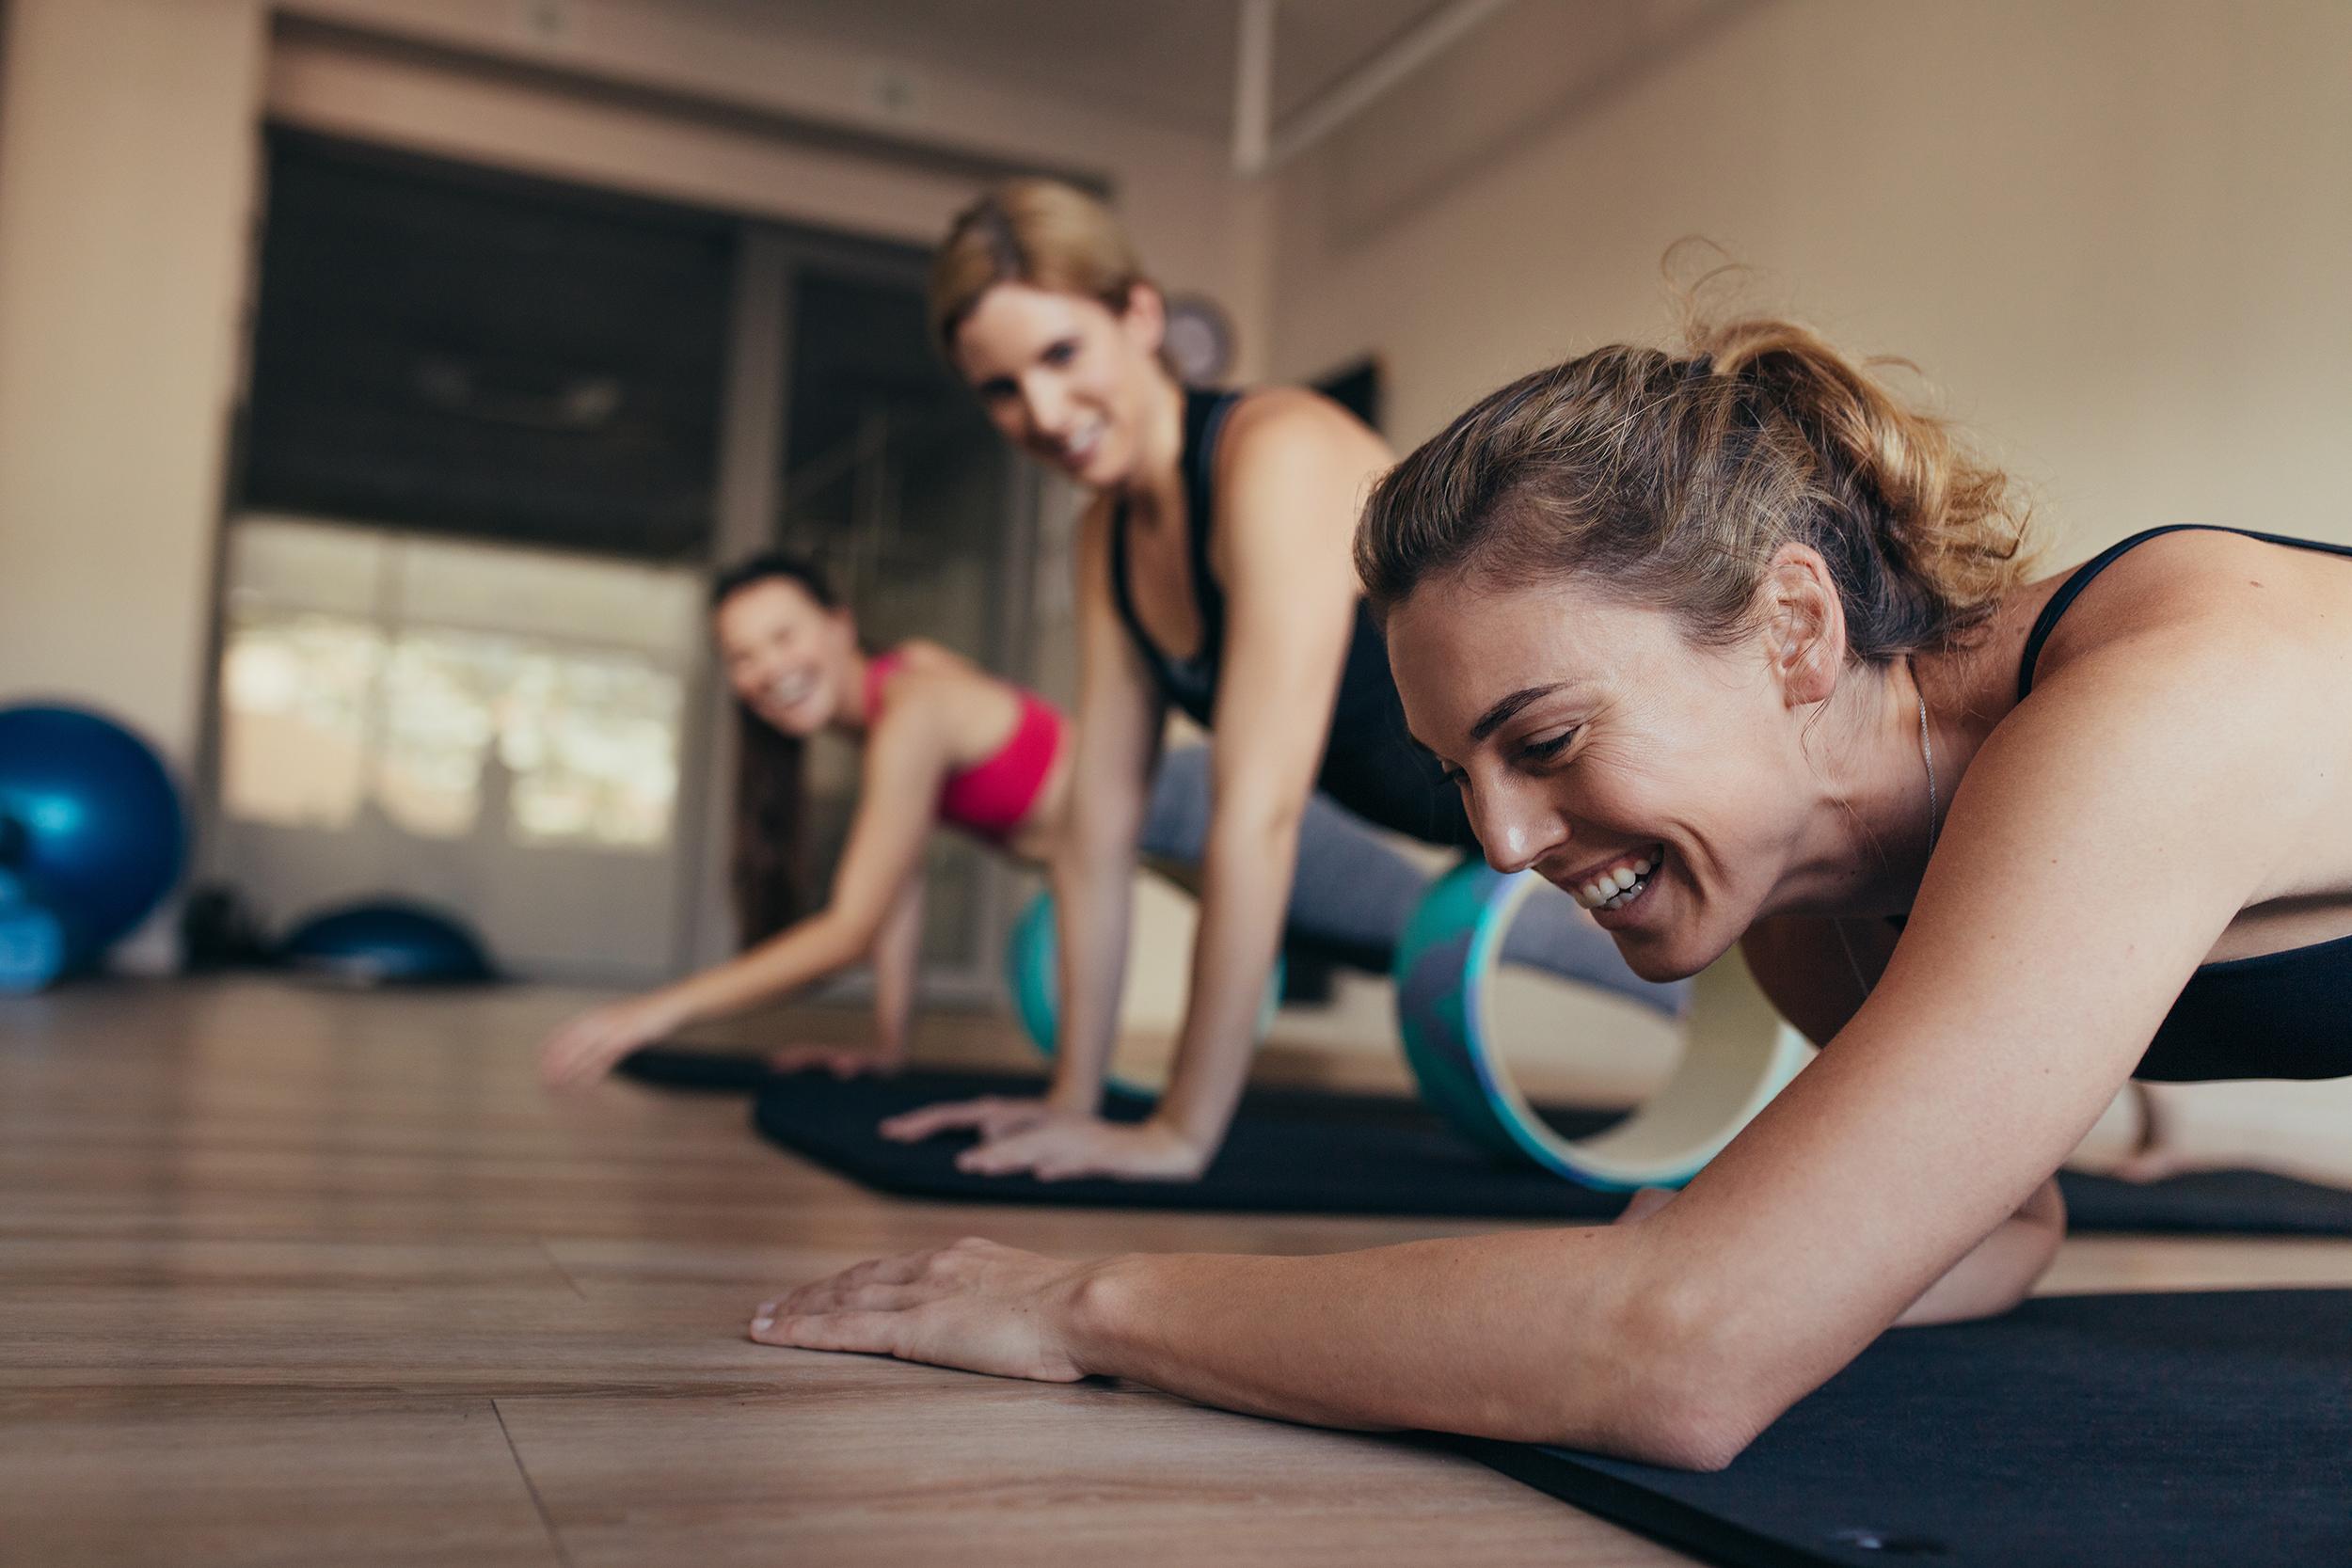 Αθλητισμός οφέλη: Τα οφέλη της σωματικής δραστηριότητας στην ψυχική και σωματική μας υγεία [vid]